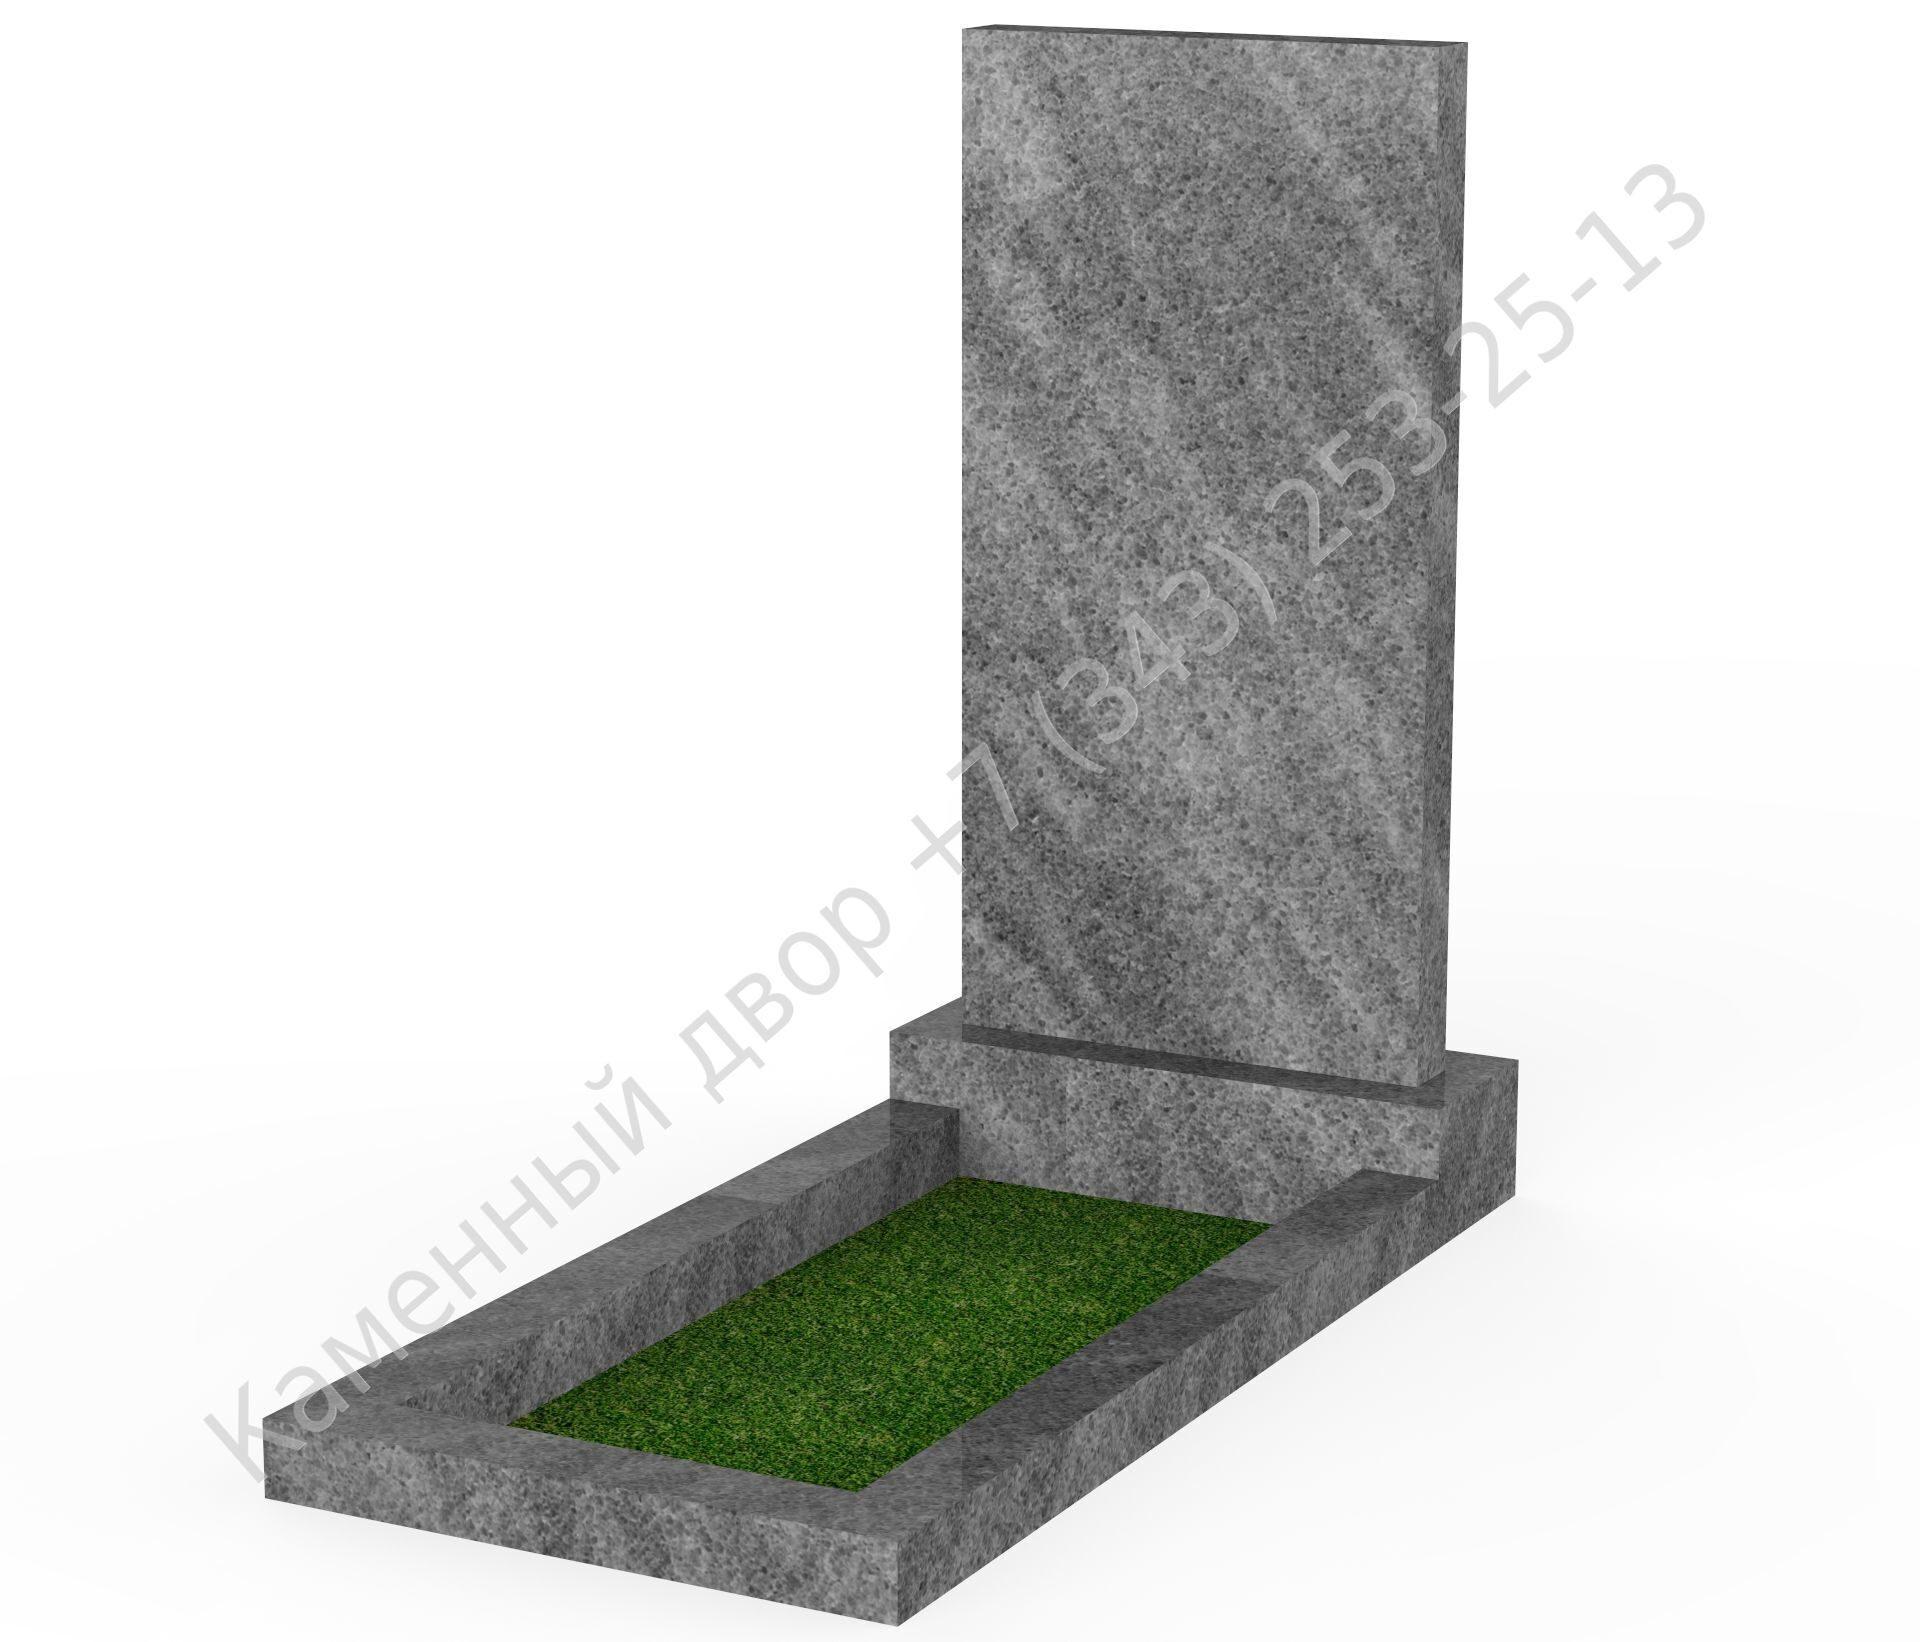 Купить памятник в полевской продажа памятников из гранита оптом в могилеве